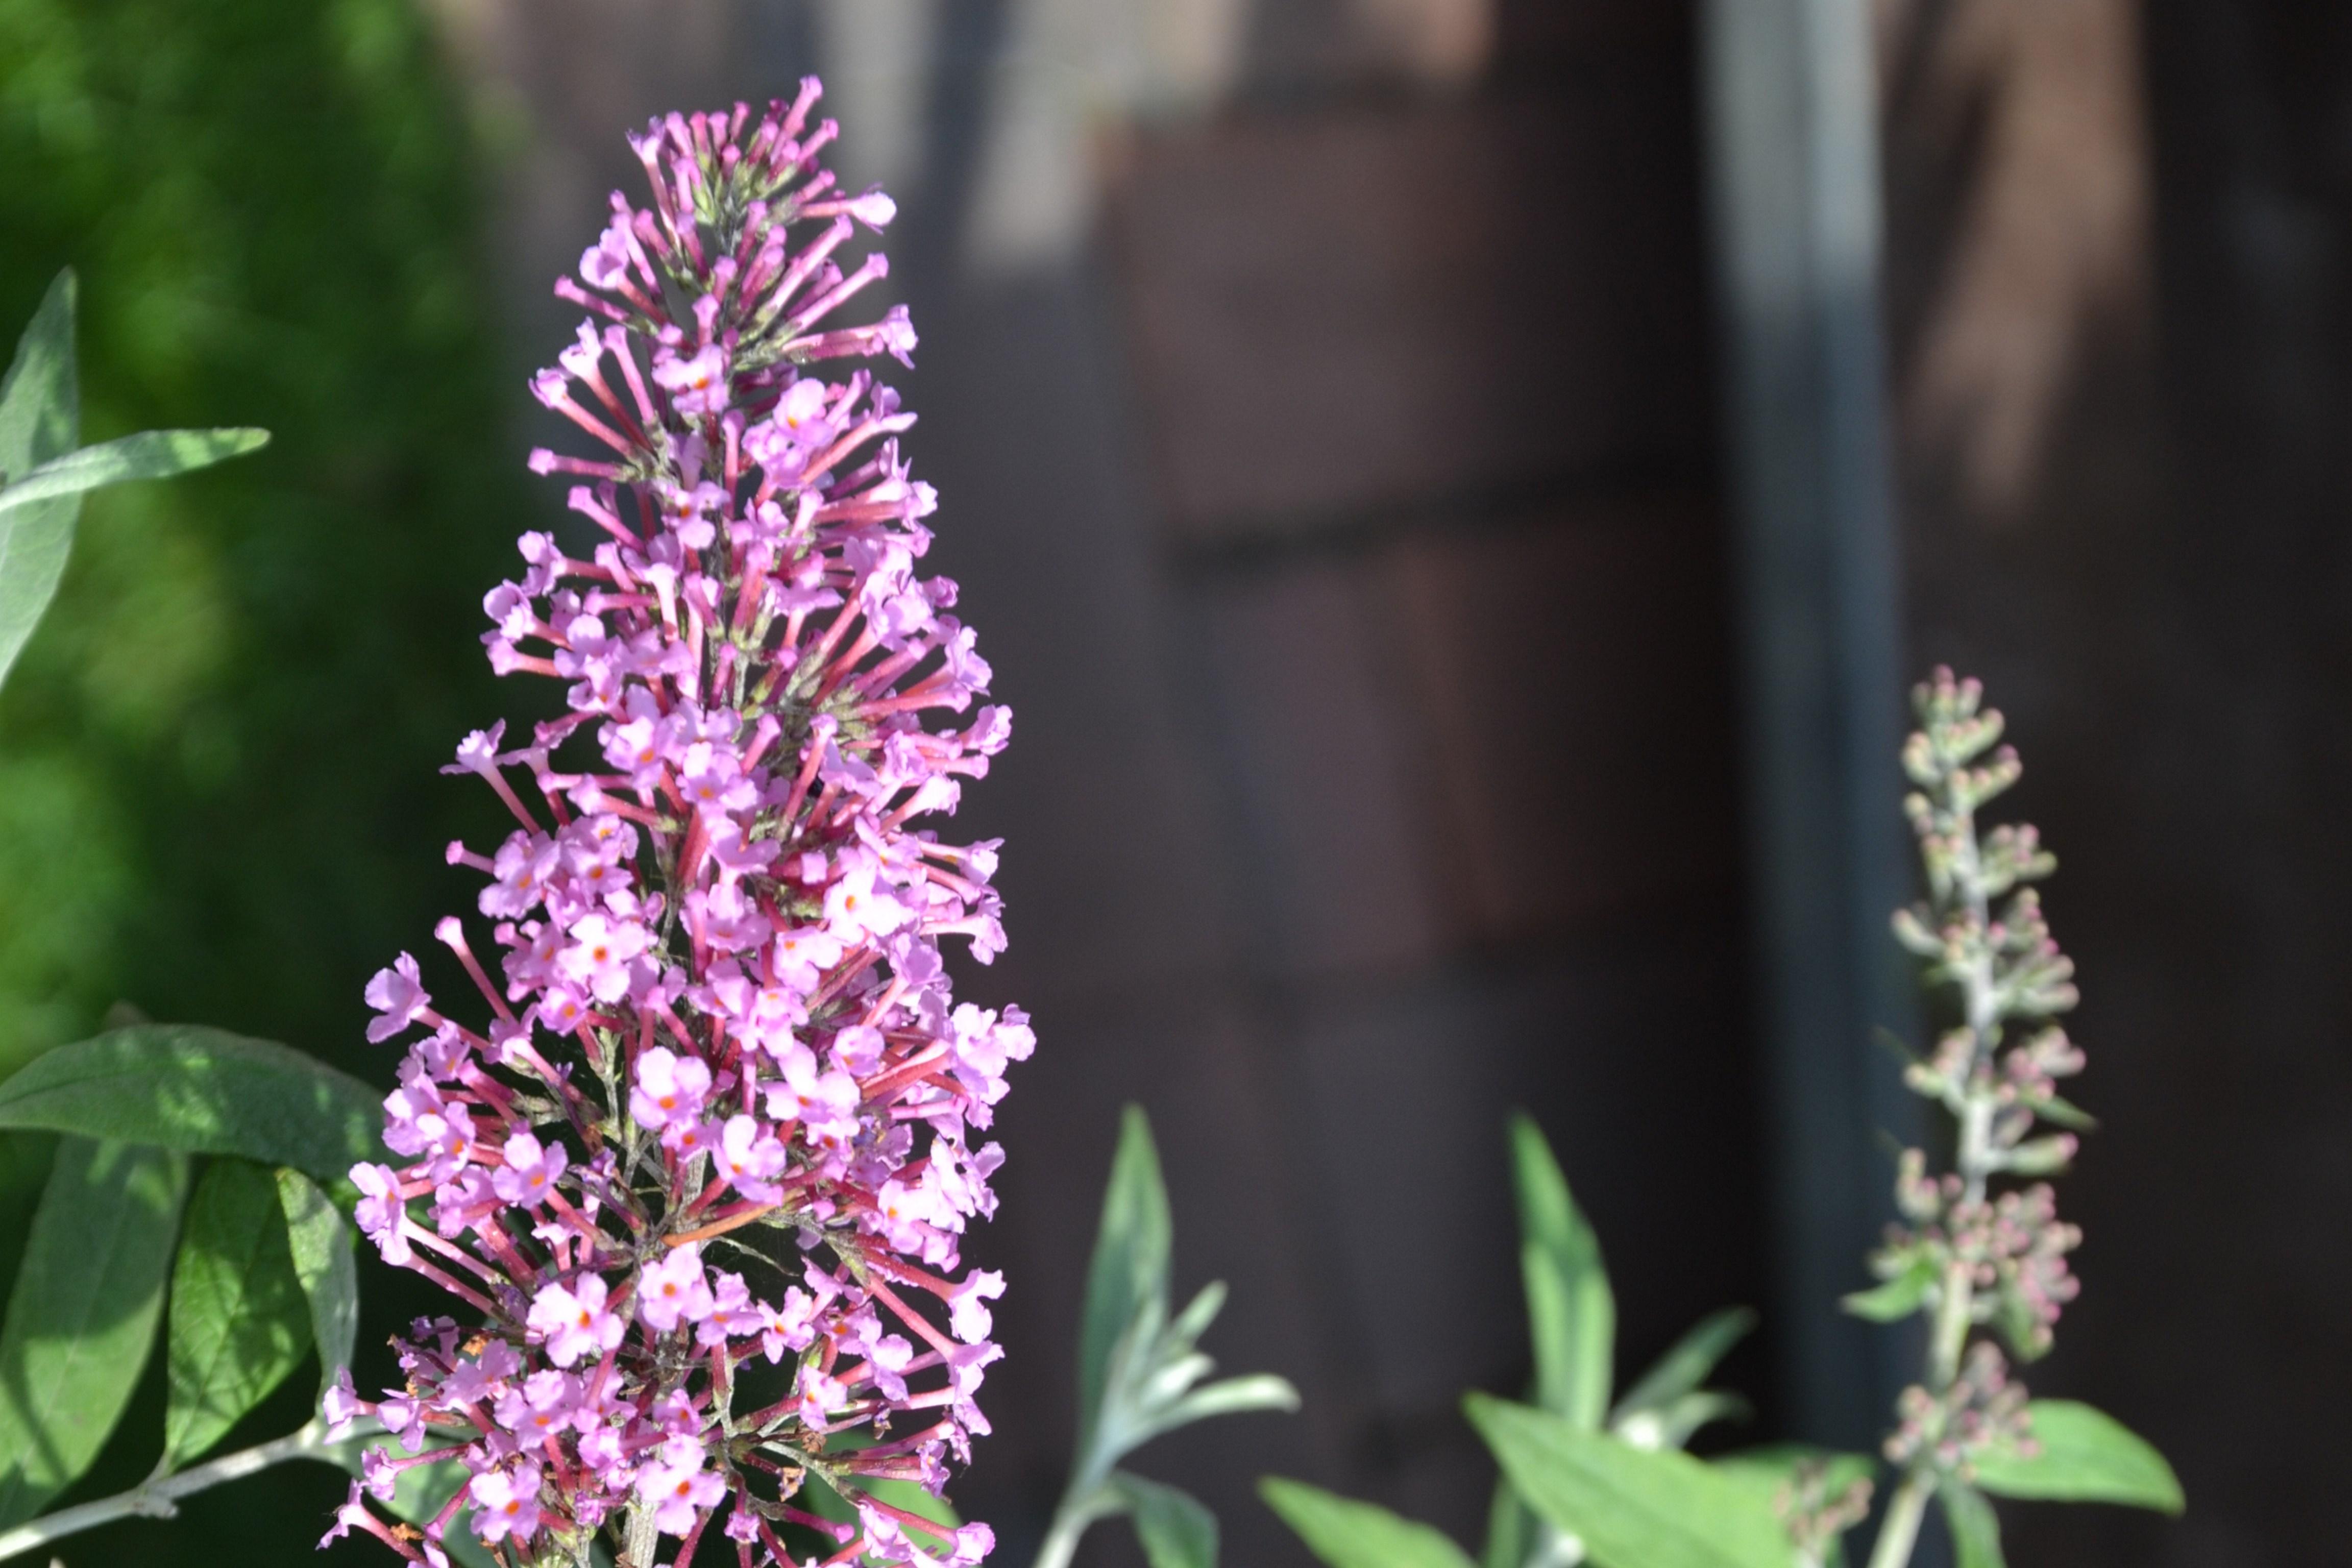 Schmetterlingsstrauch, Sommerflieder (Buddleja) Vom Duft und Nektar der weißen, rosa, roten, blauen und violetten Blütenrispen werden bis in den Spätsommer Bienen und Schmetterlinge angezogen. Diese Pflanze blüht prächtig vom Sommer bis zum Herbst.